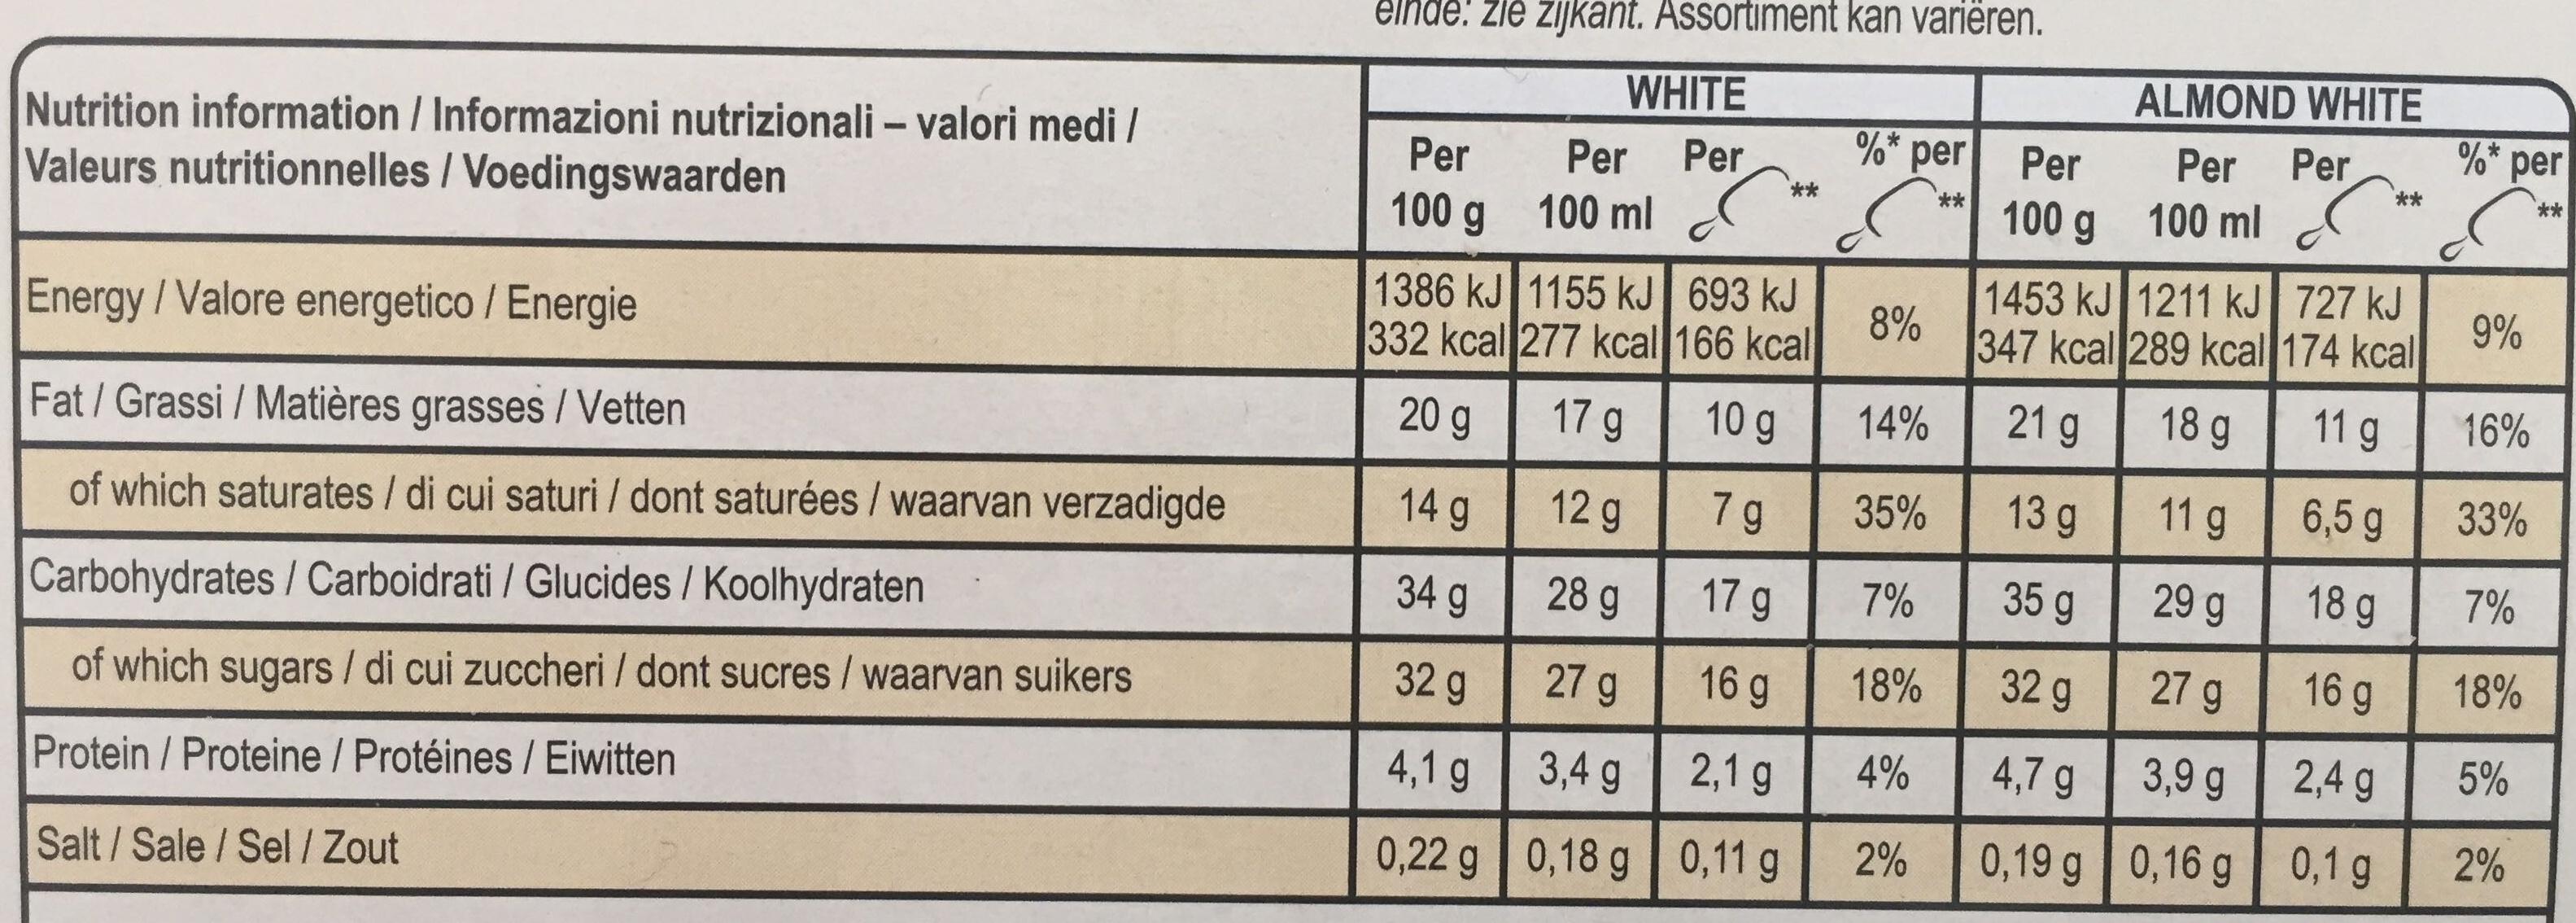 Magnum Mini Batonnet Glace Chocolat Blanc Amande x6 - Informations nutritionnelles - fr